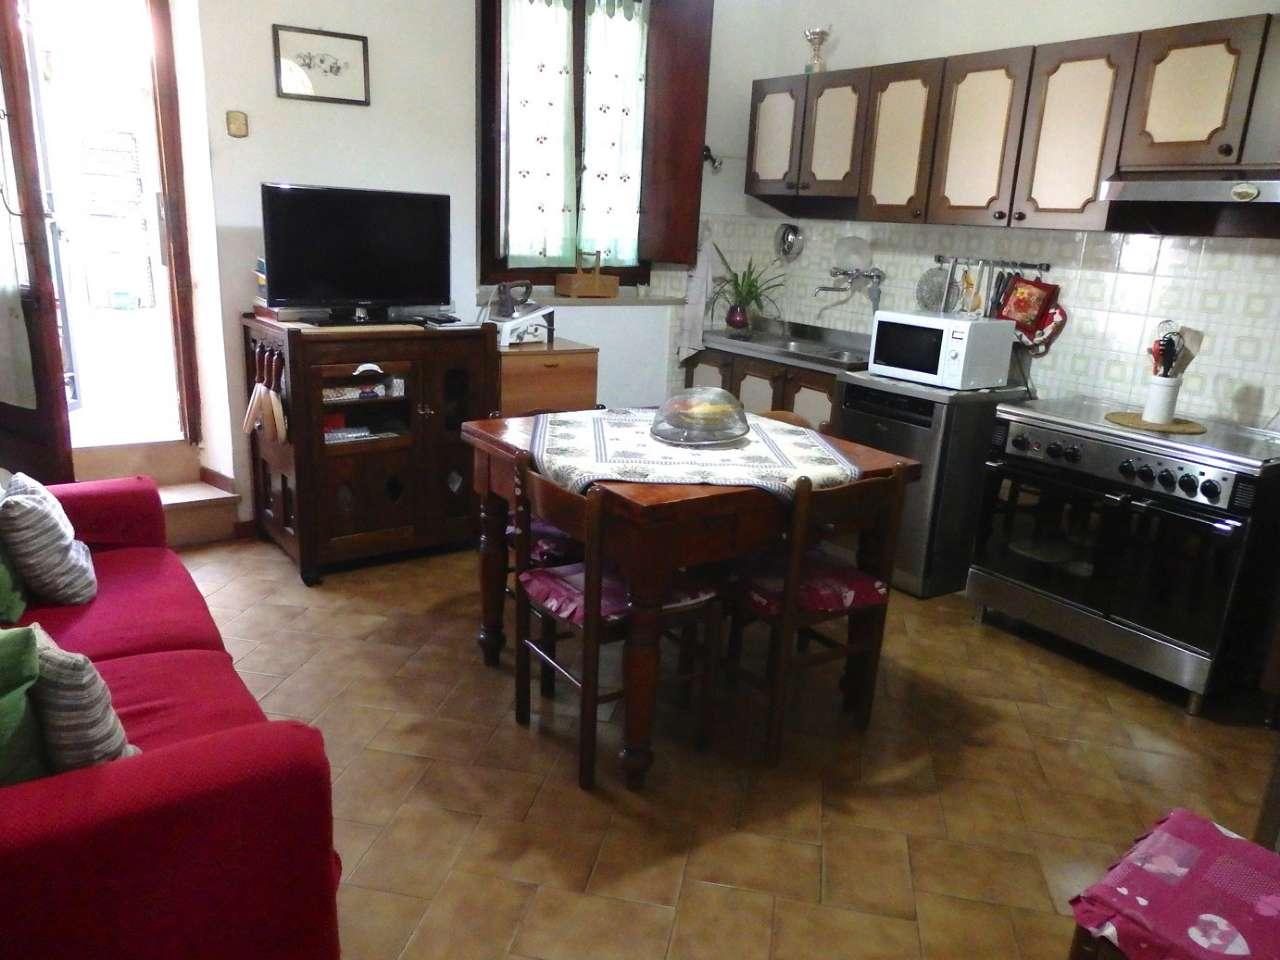 Palazzo / Stabile in vendita a Prato, 4 locali, prezzo € 185.000 | CambioCasa.it